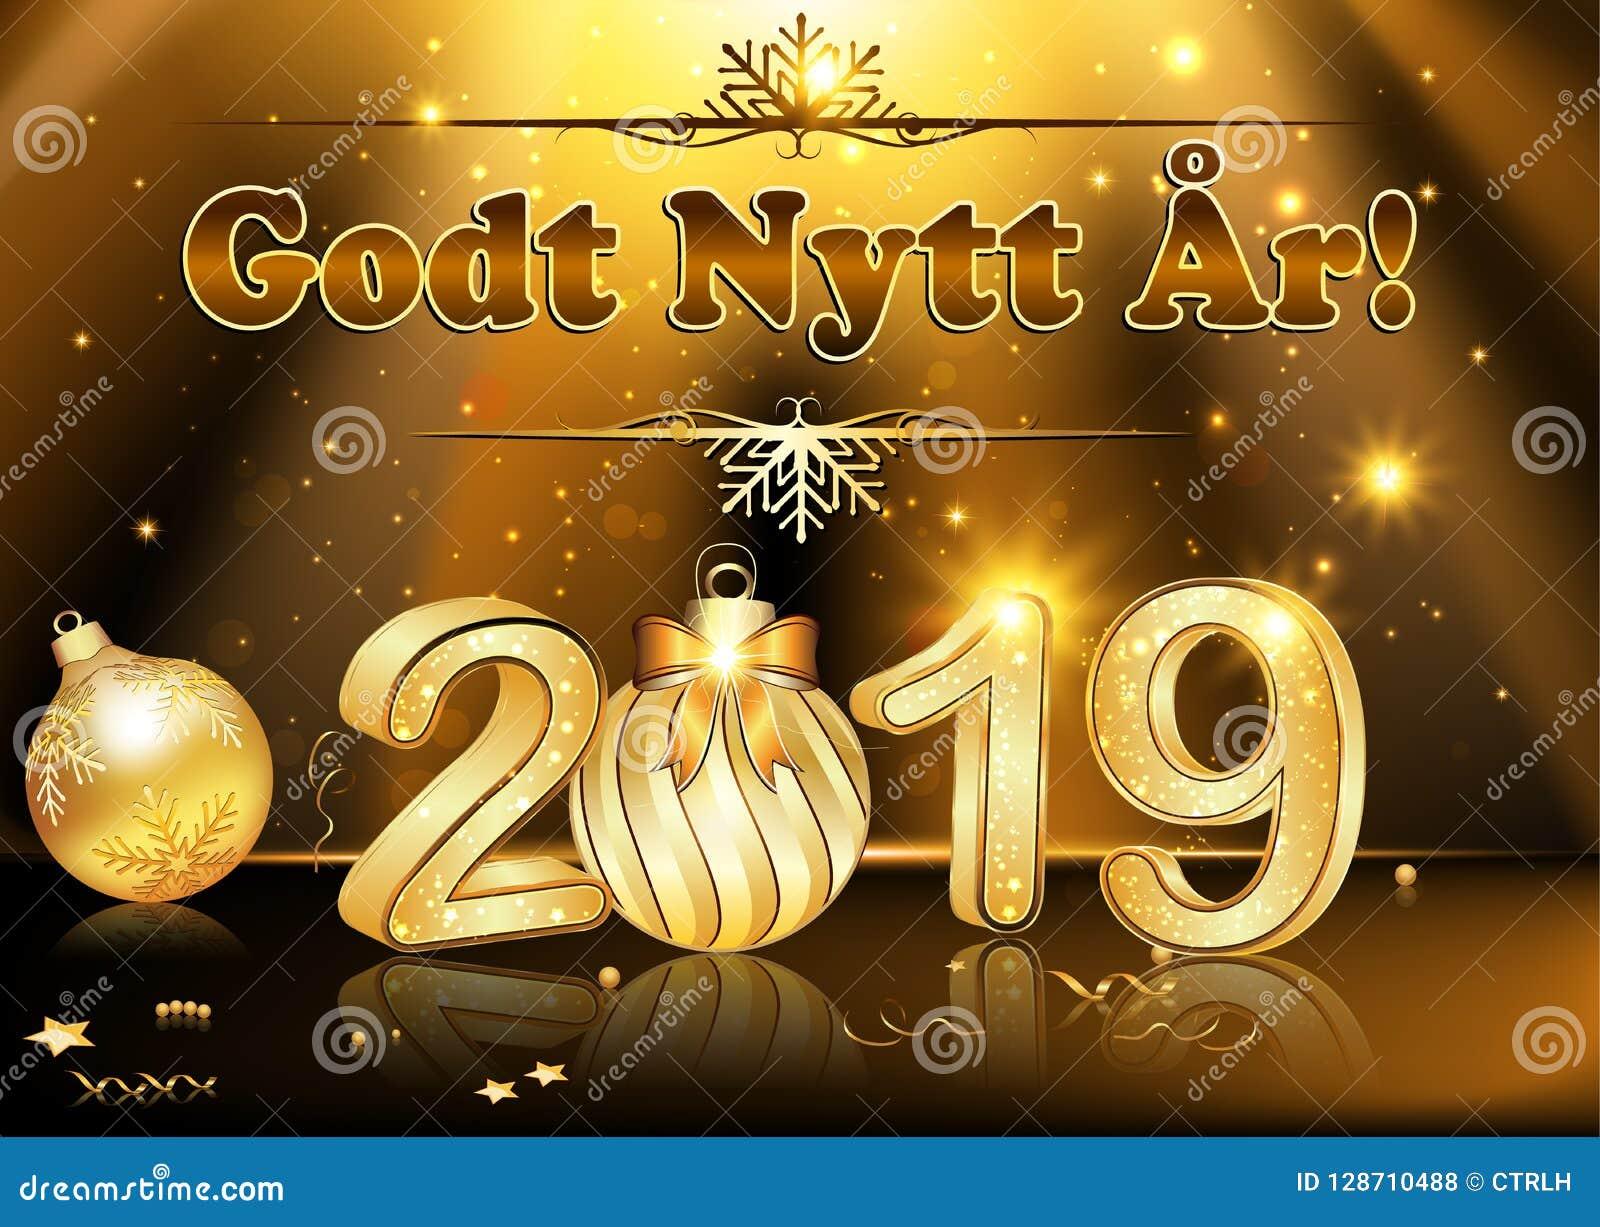 Bilder Zum Neuen Jahr 2019 Lll Neujahrsbilder 2019